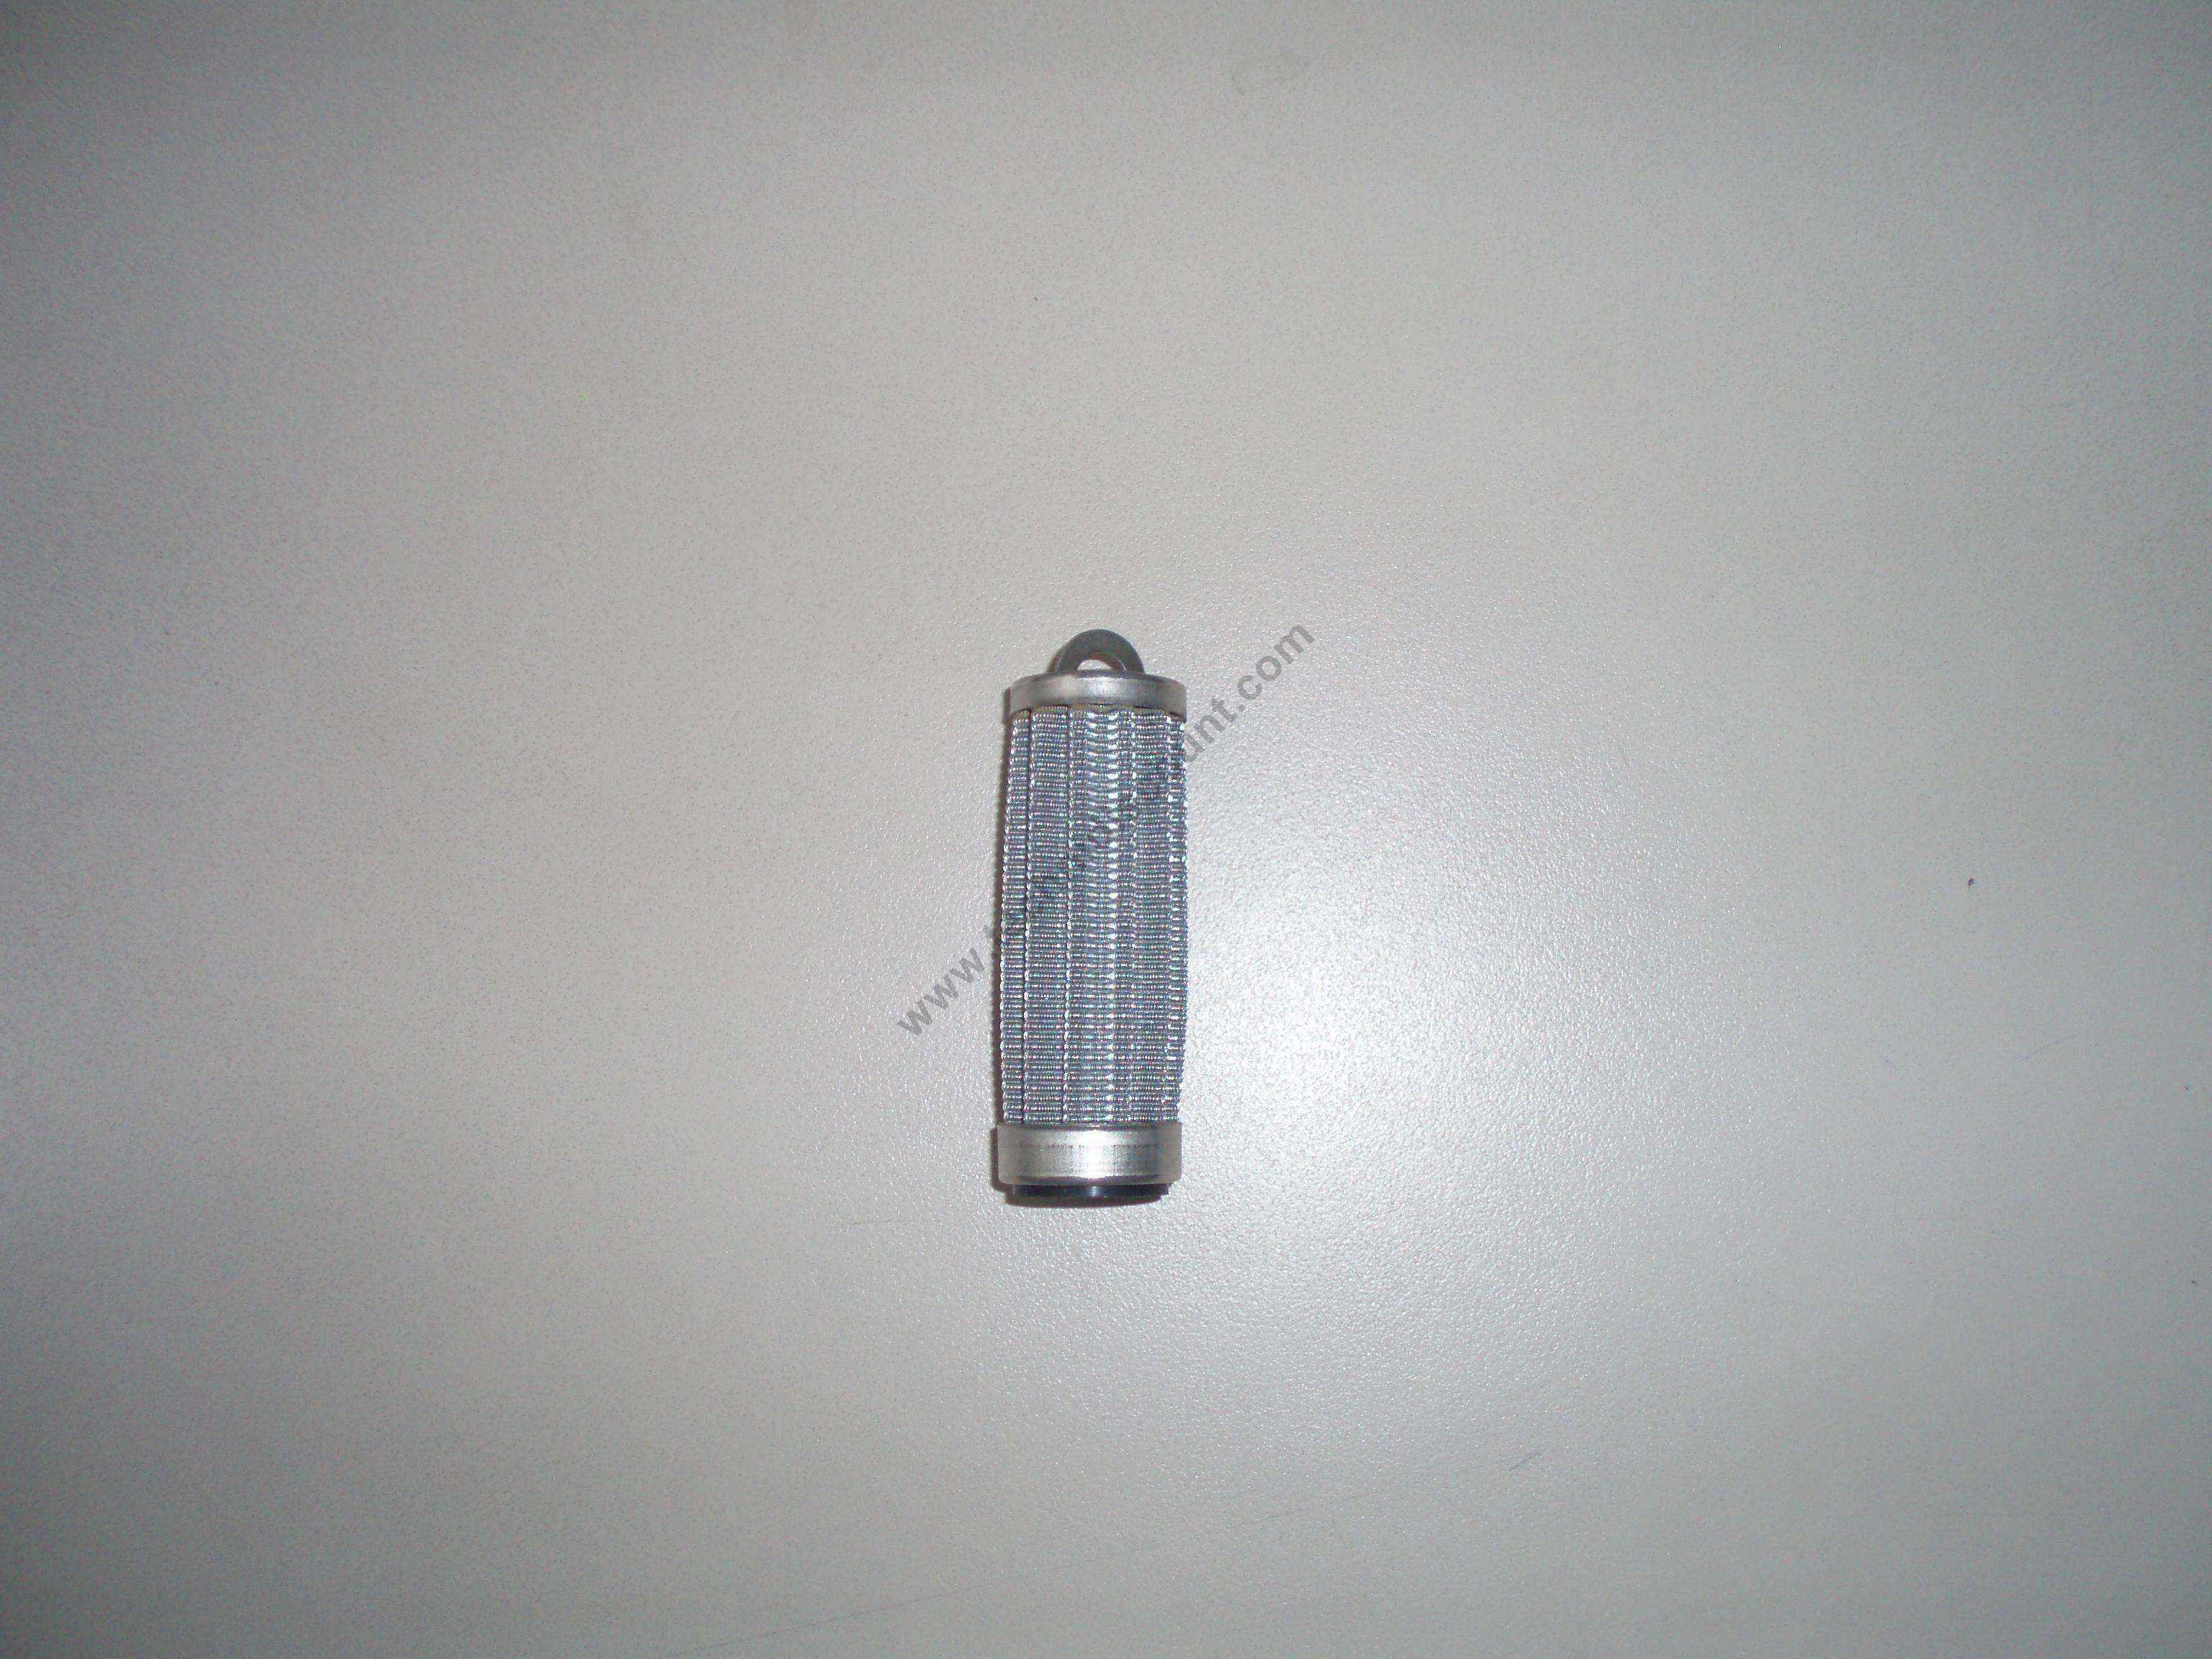 Filtre huile 2175195 RUGGERINI RF100 RD850 MD150/151 MD170 LOMBARDINI 15LD500 25LD330-2 ACME ADN37W ADX300 ADX370 ADN37 ADN45 ADN48 ADN54 ADN60 ADX600